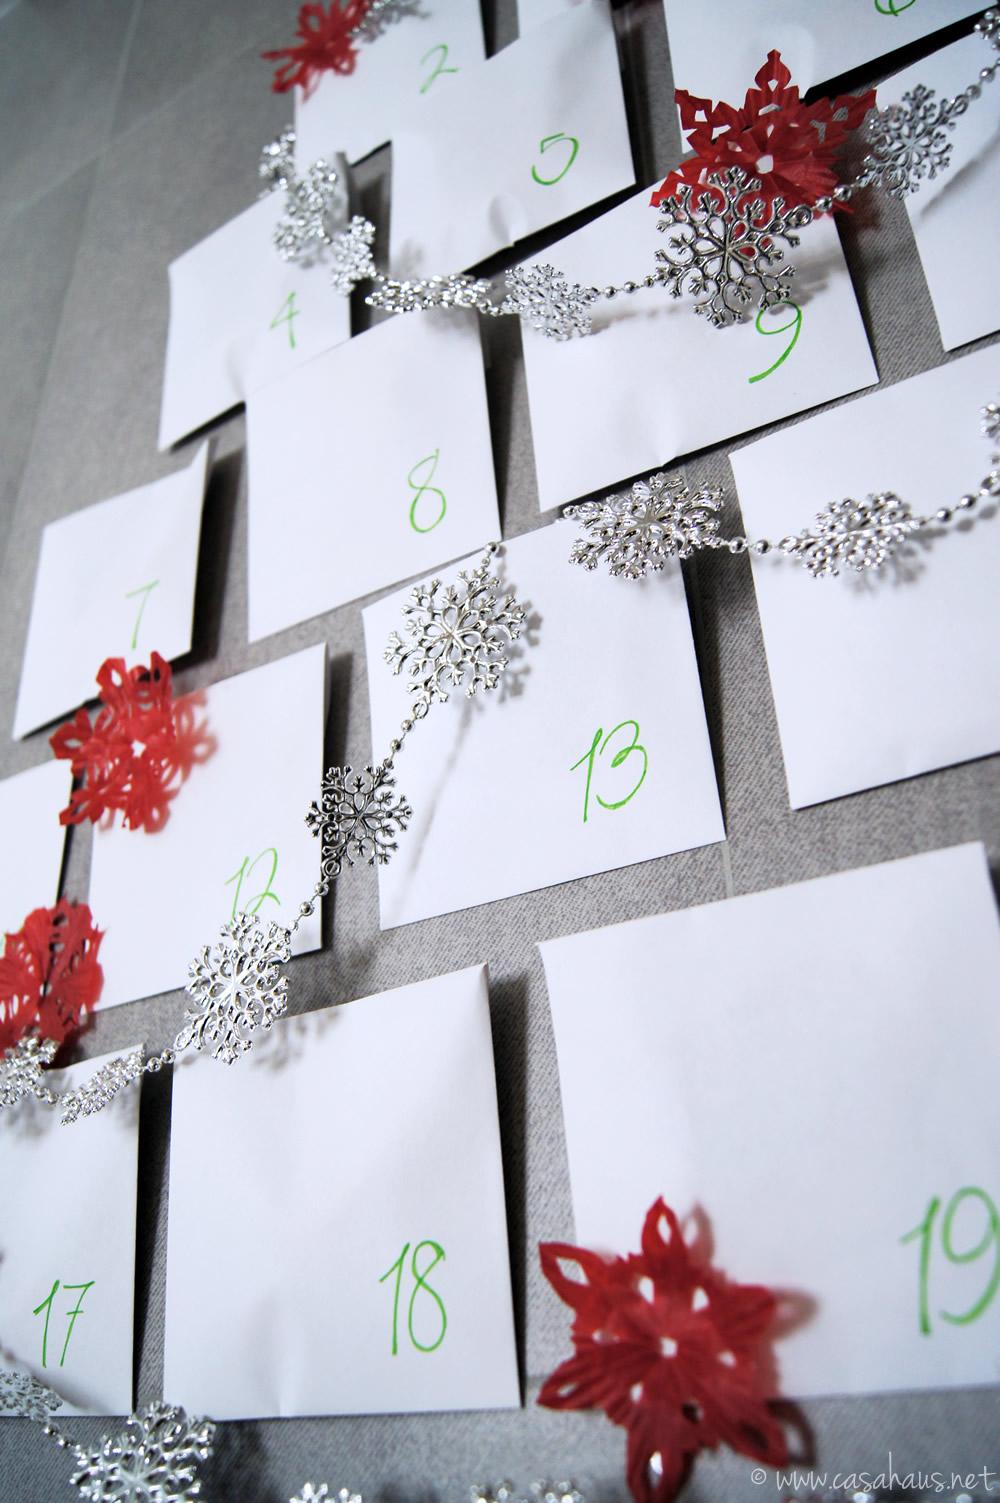 Calendario de adviento hecho con sobres de papel